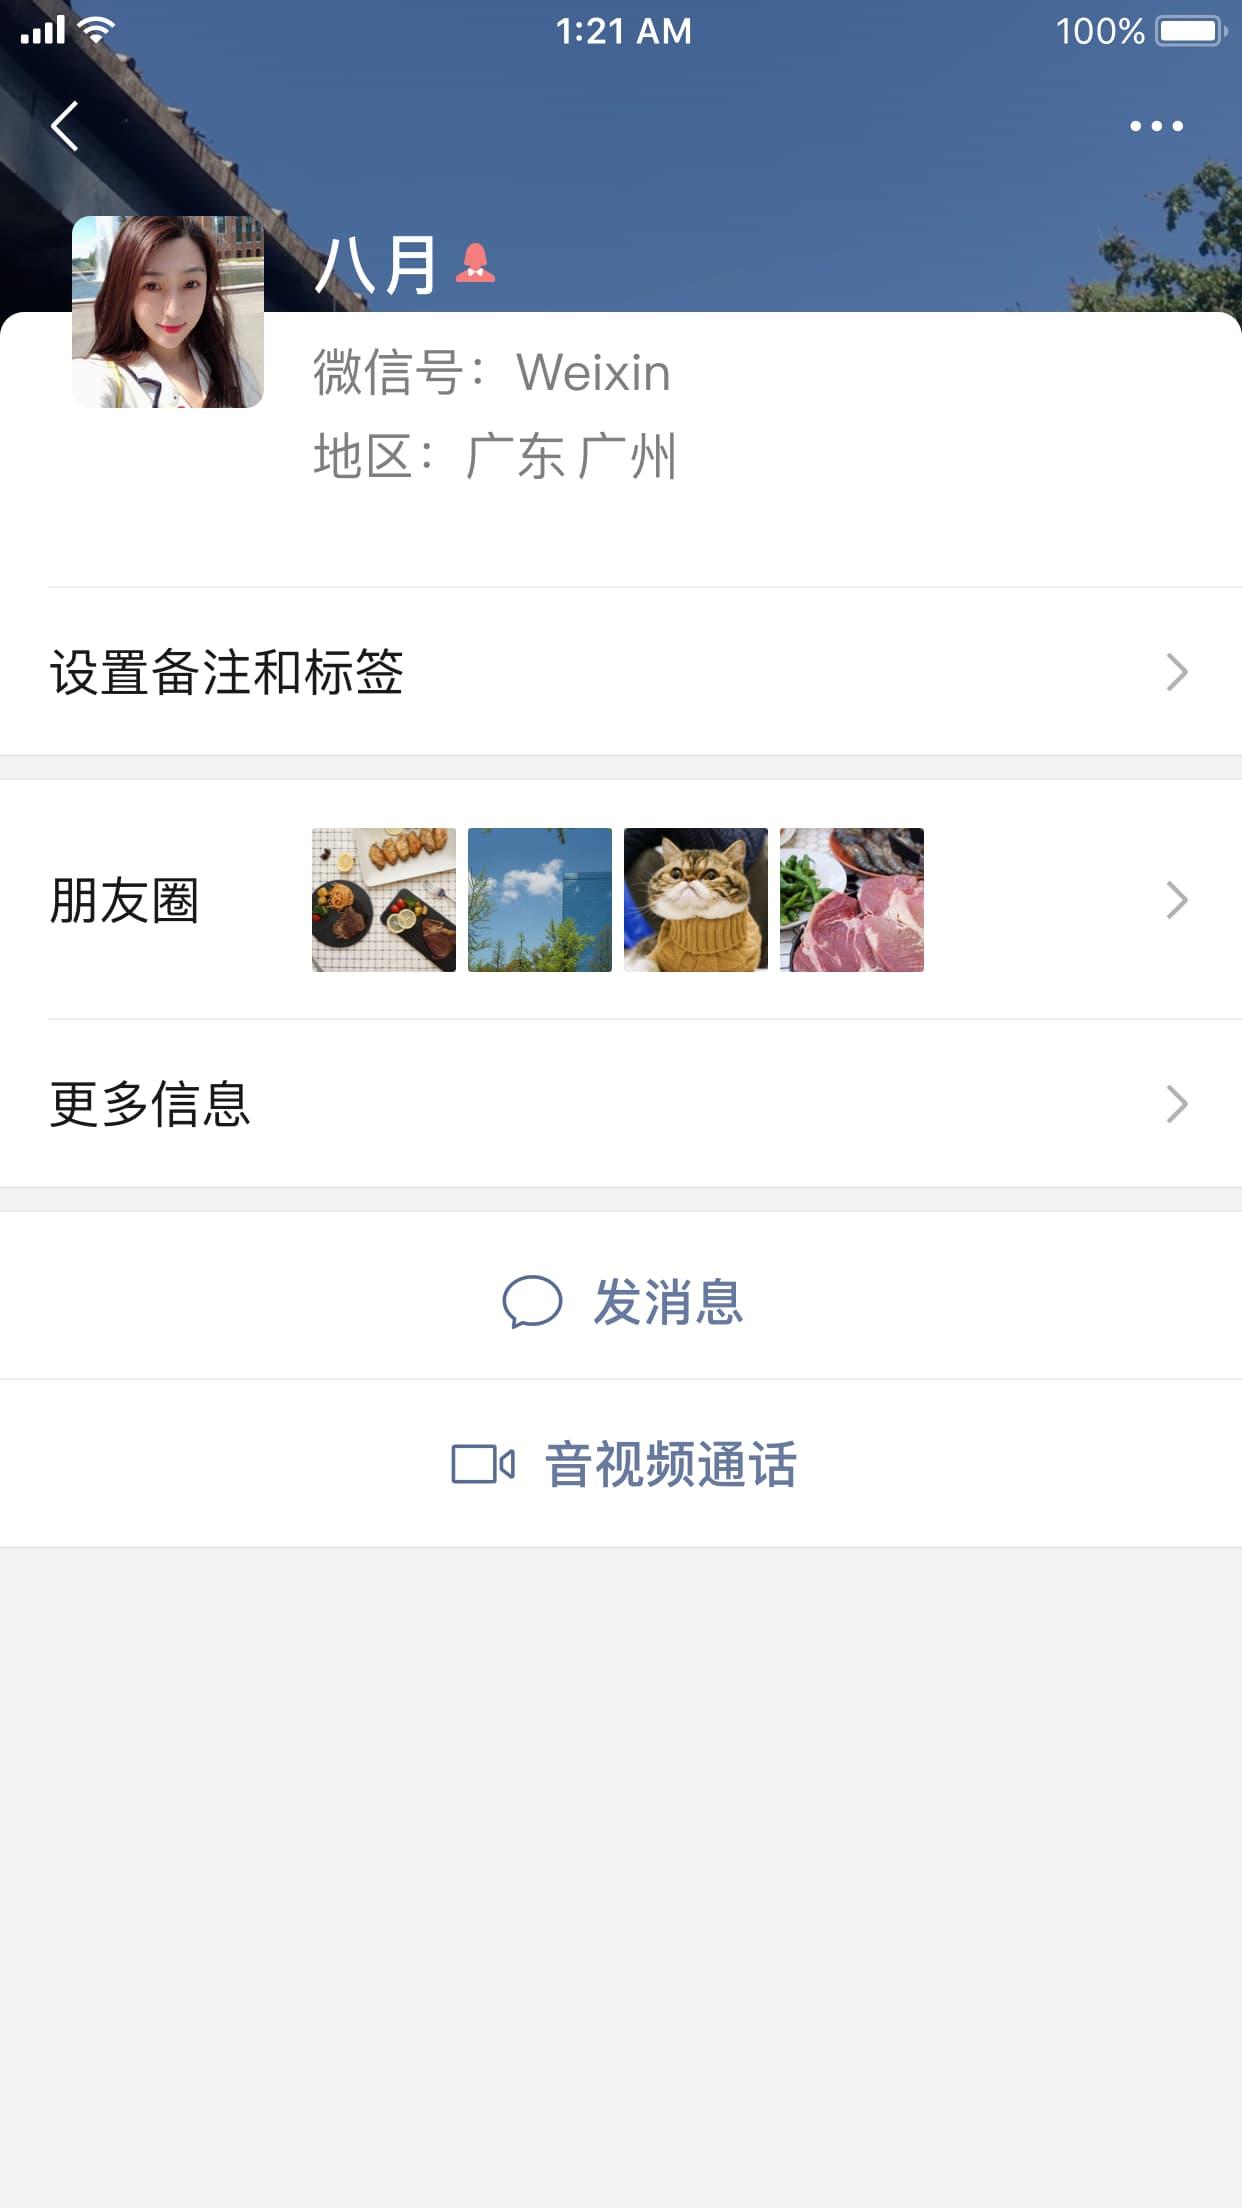 8 年弹指一挥间,回首 WeChat for iPhone 的进化之路